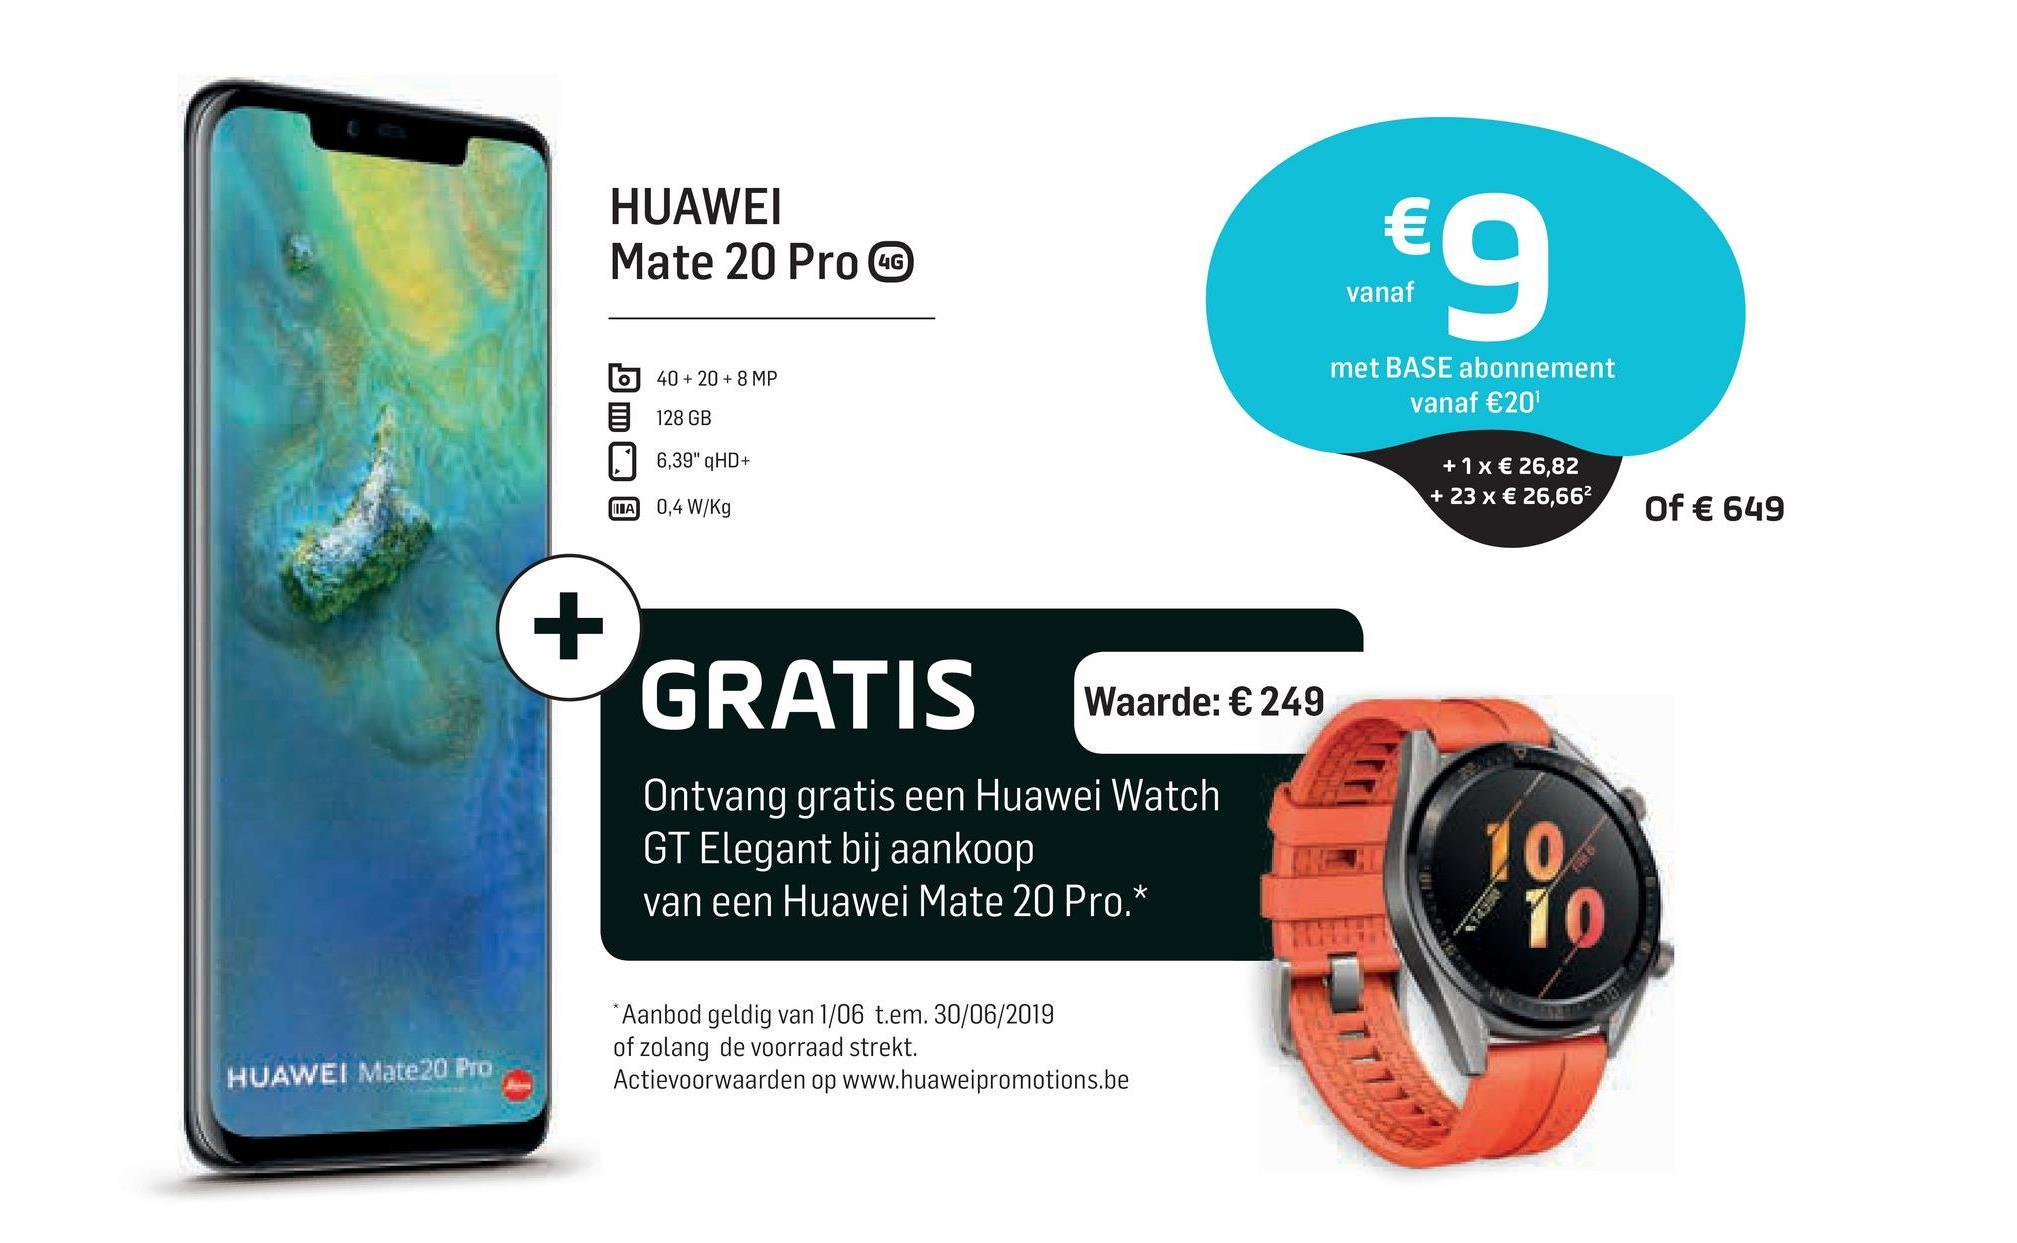 """HUAWEI Mate 20 Pro CC €9 vanaf 6 met BASE abonnement vanaf €20 40 + 20 + 8 MP 128 GB [] 6,39"""" qHD+ TA 0,4 W/Kg +1x € 26,82 + 23 x € 26,662 Of € 649 GRATIS Waarde: €249 Ontvang gratis een Huawei Watch GT Elegant bij aankoop van een Huawei Mate 20 Pro.* * Aanbod geldig van 1/06 t.em. 30/06/2019 of zolang de voorraad strekt. Actievoorwaarden op www.huaweipromotions.be HUAWEI Mate 20 Pro"""